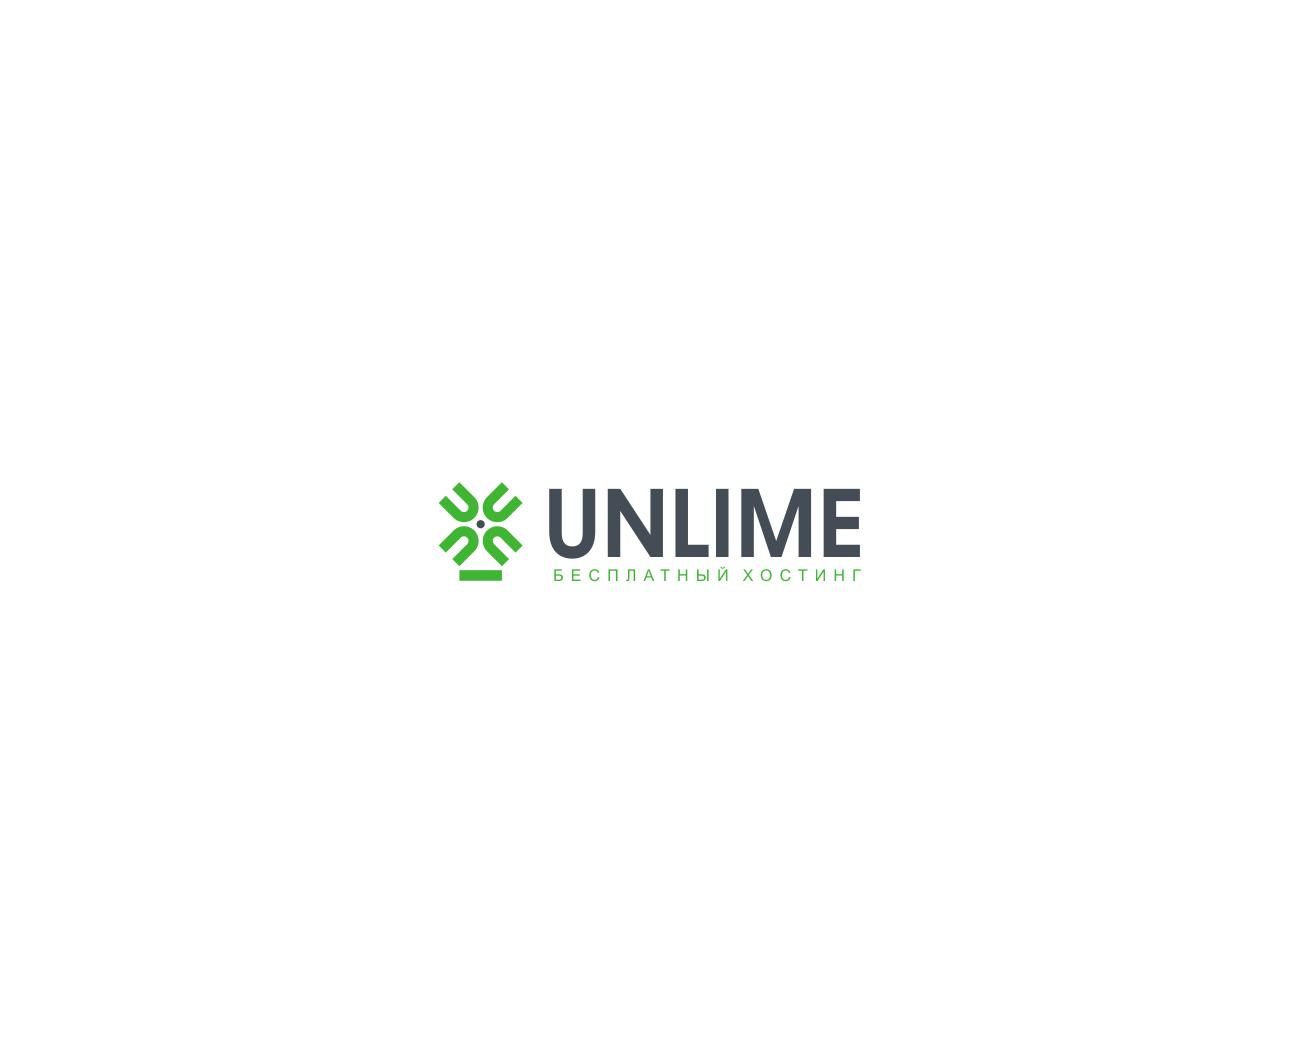 Разработка логотипа и фирменного стиля фото f_103595f8ebf2a2a2.png